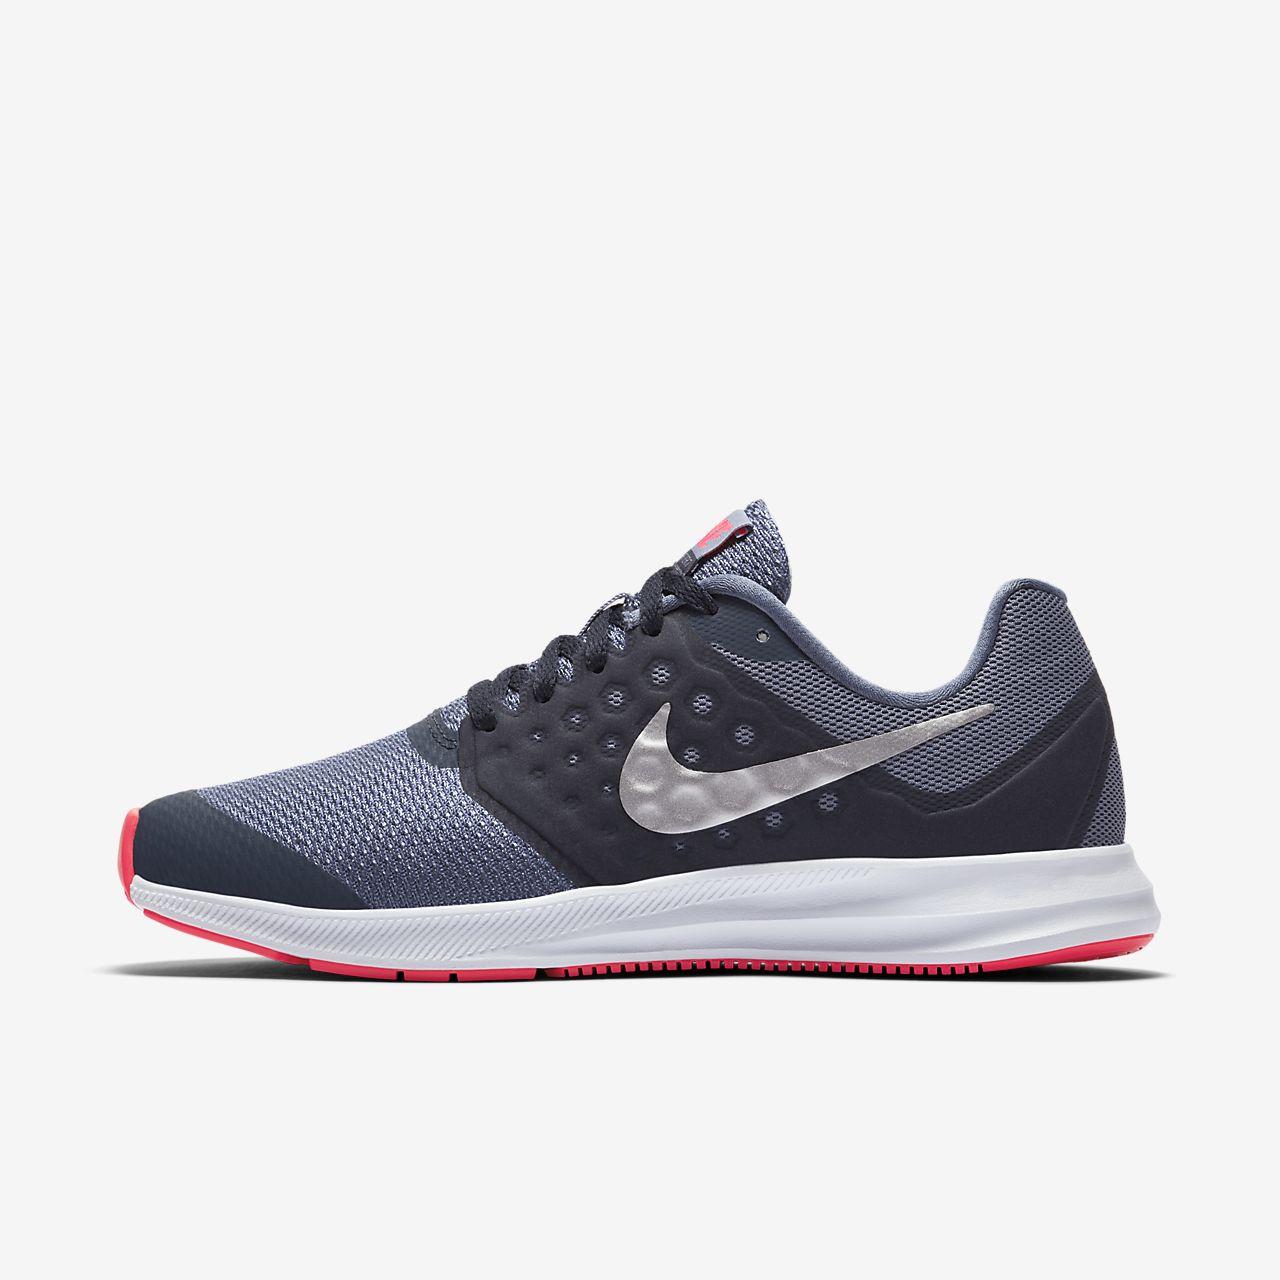 Löparsko Nike Downshifter 7 för ungdom